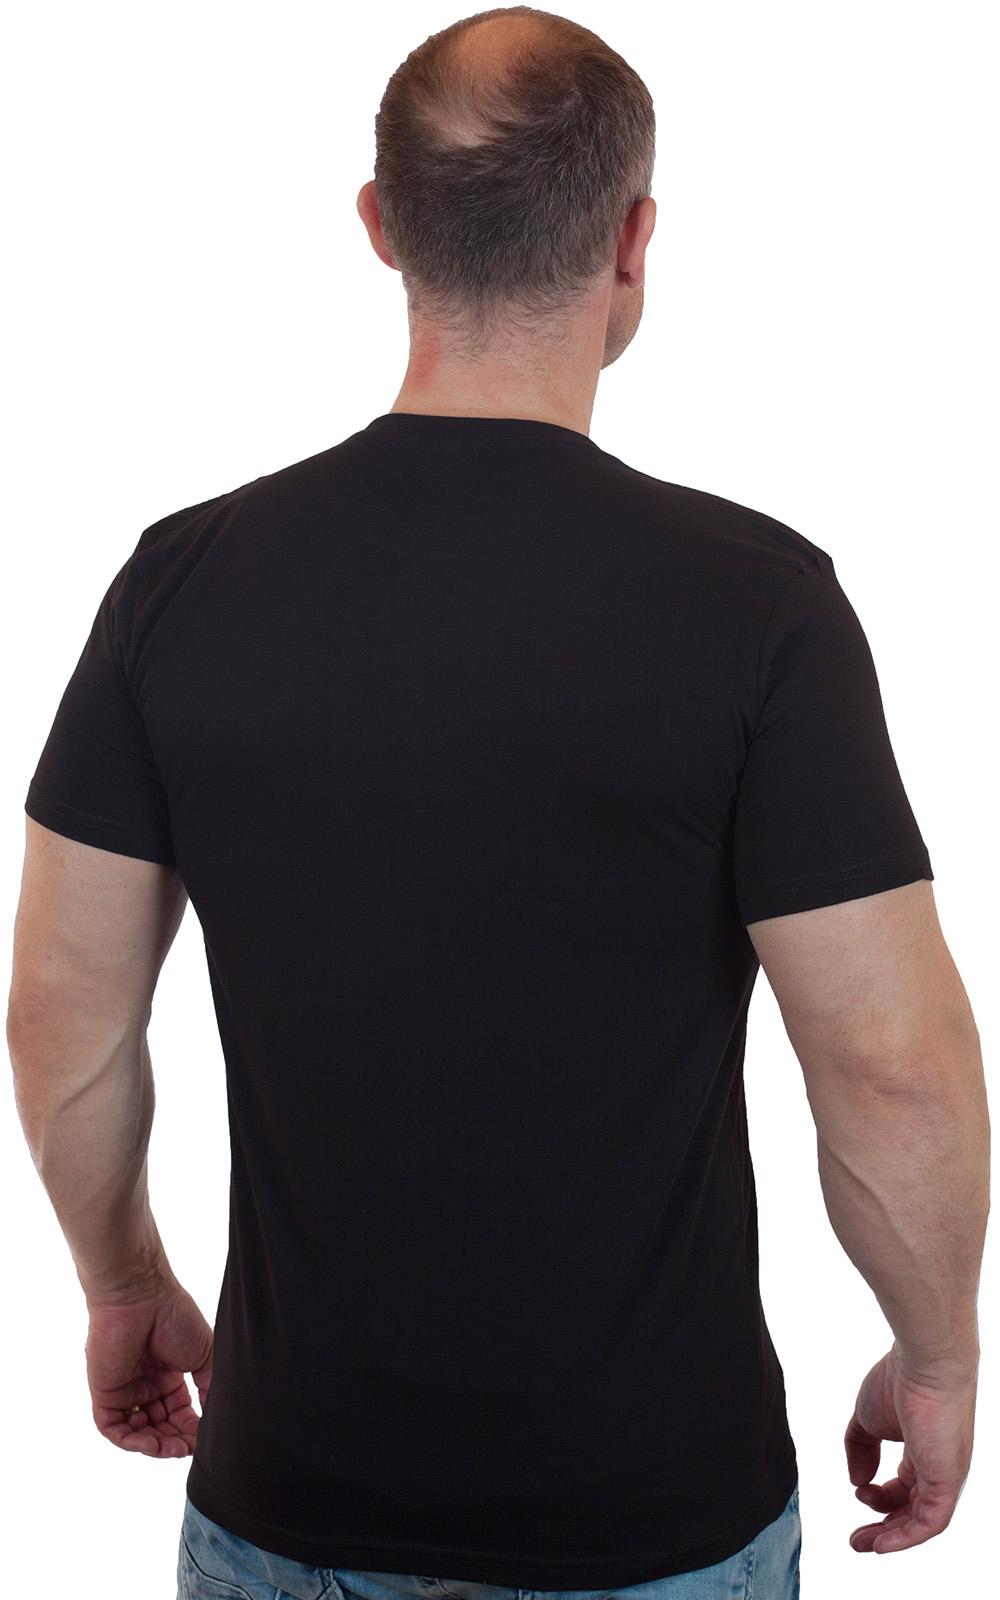 Стильная мужская футболка с вышитой символикой Новороссии